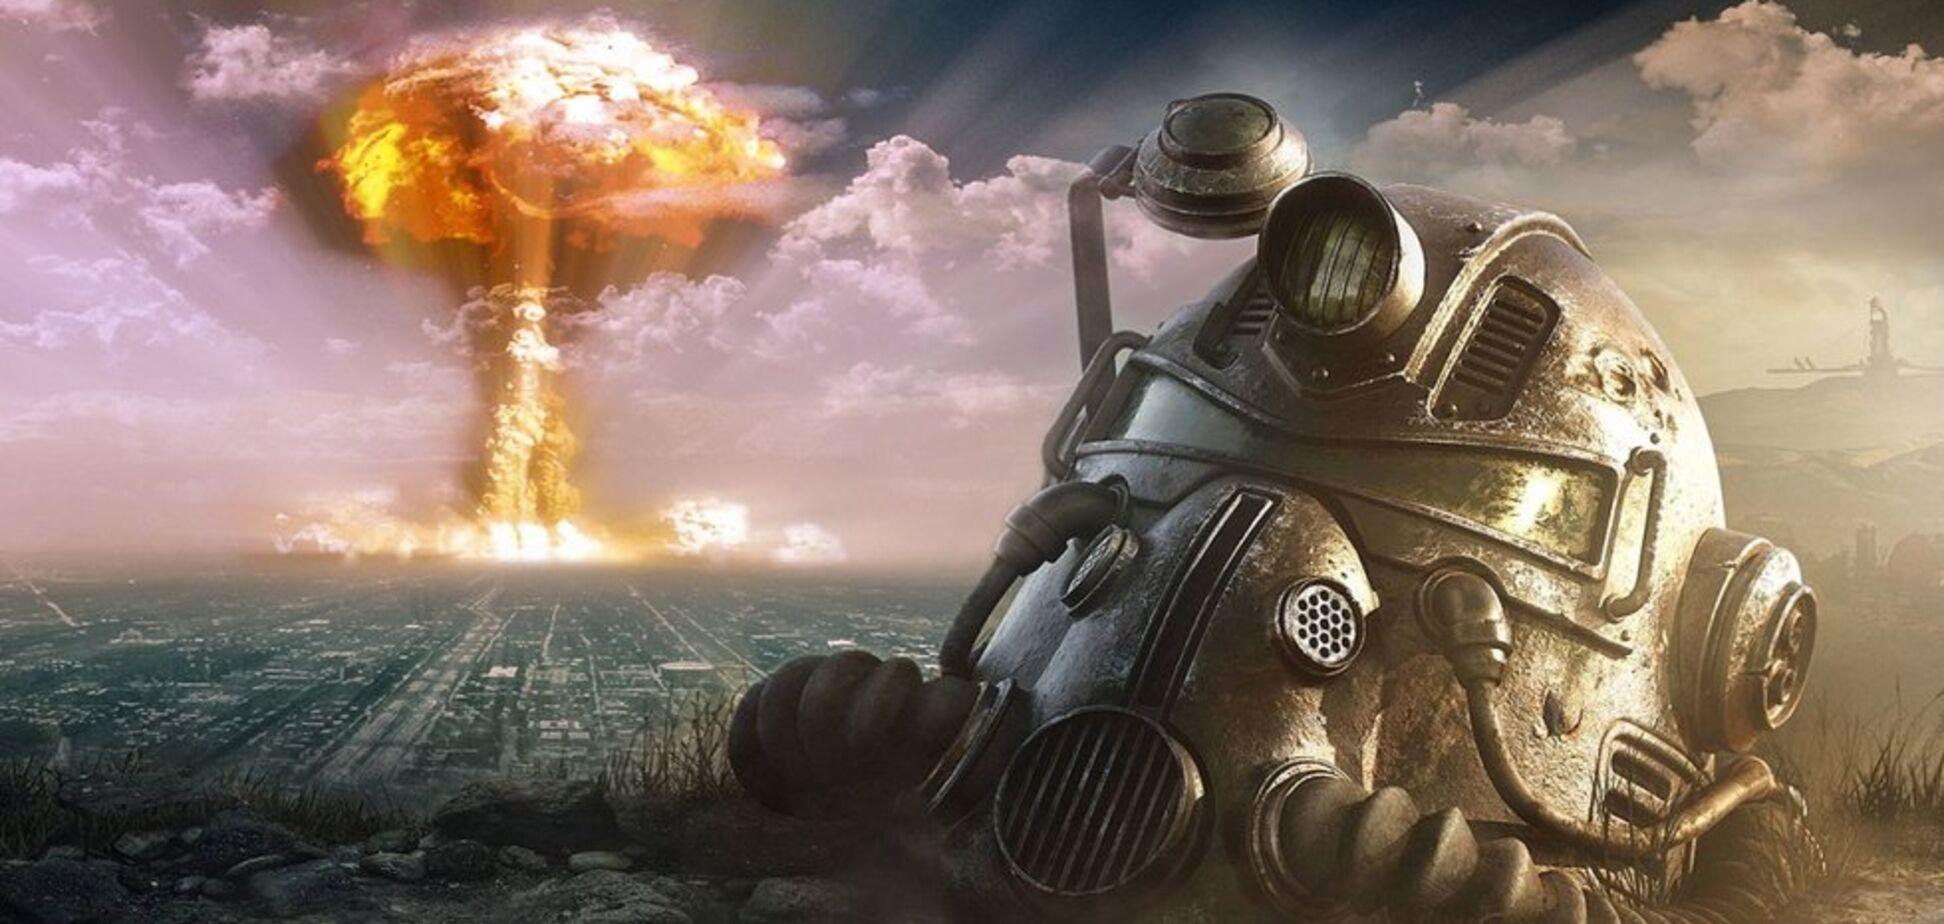 Пророчество Ванги о конце света: почему и когда погибнет человечество